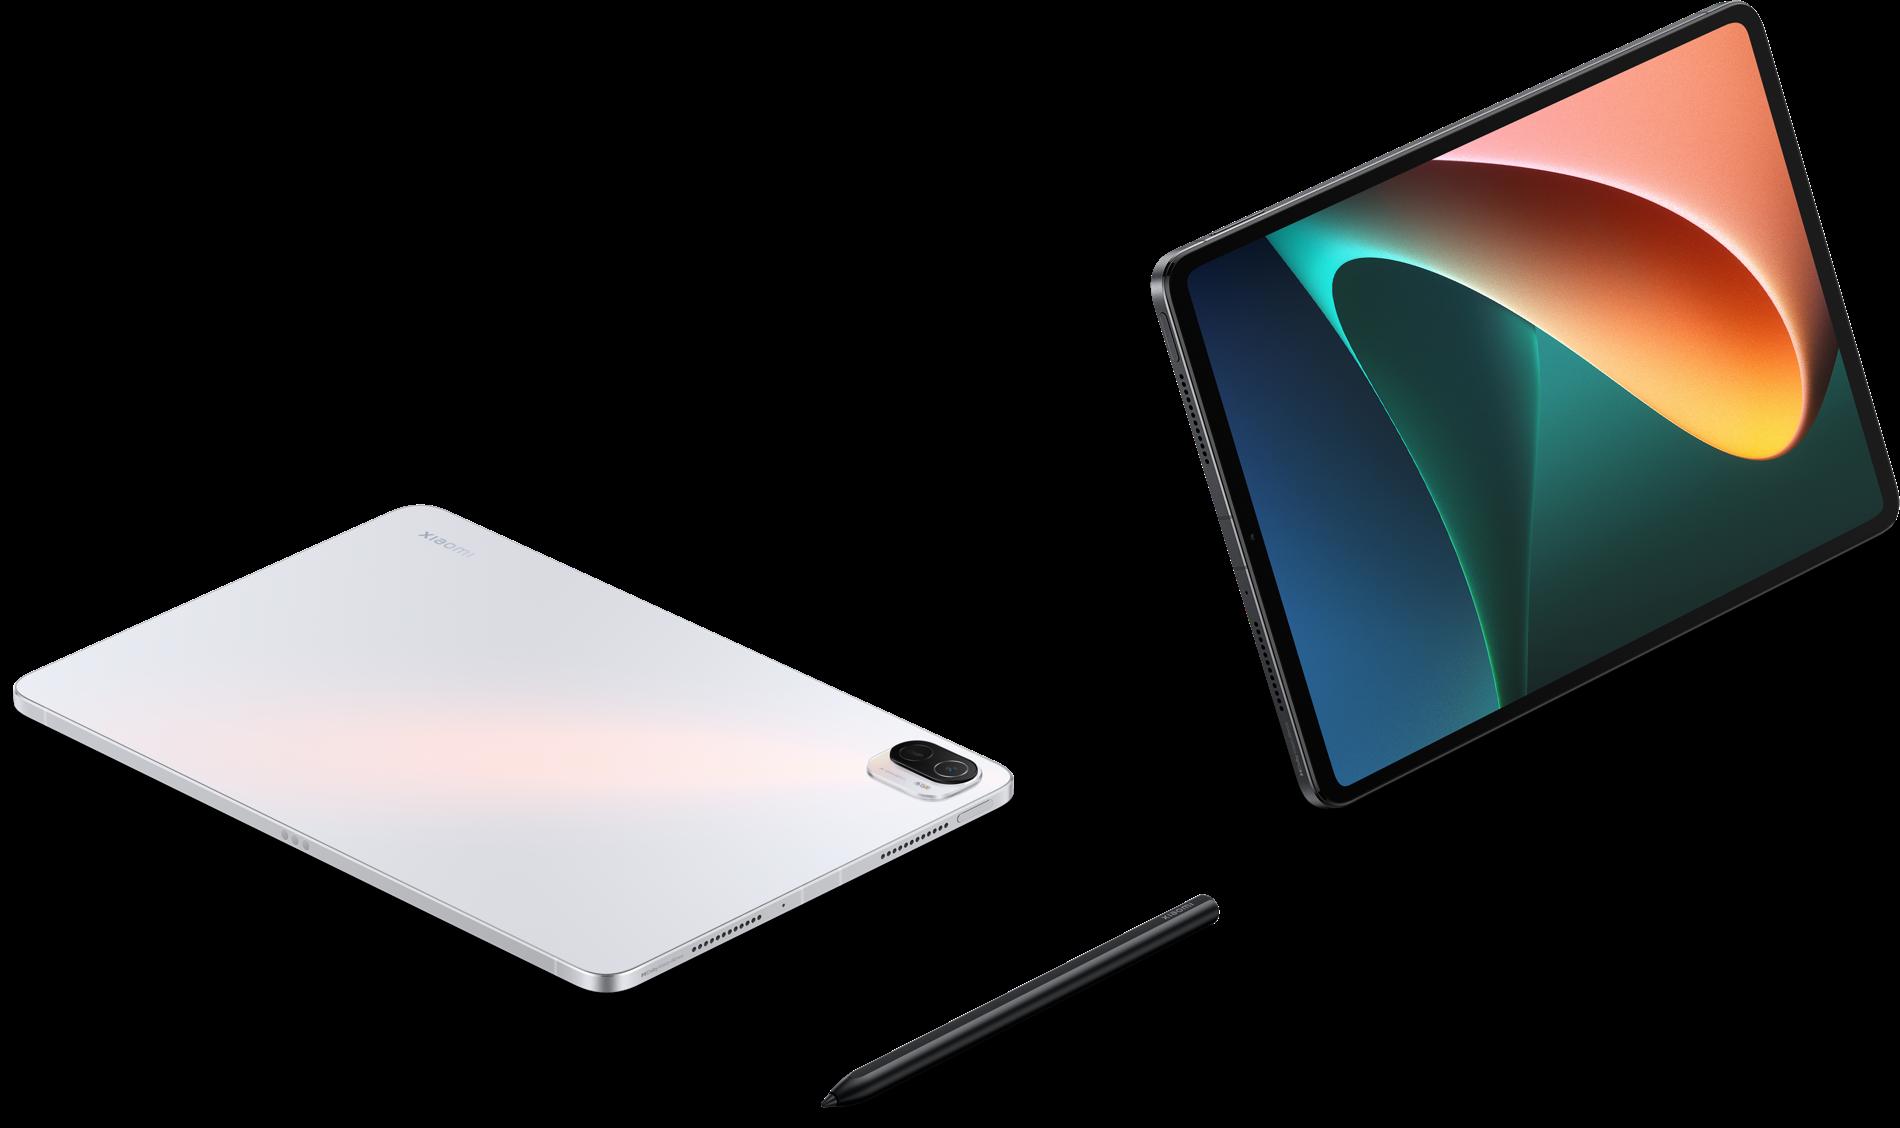 Un viitor reimaginat pentru activitățile de birou și divertisment: Xiaomi dezvăluie Xiaomi Pad 5 și noi produse AIoT la evenimentul global de lansare